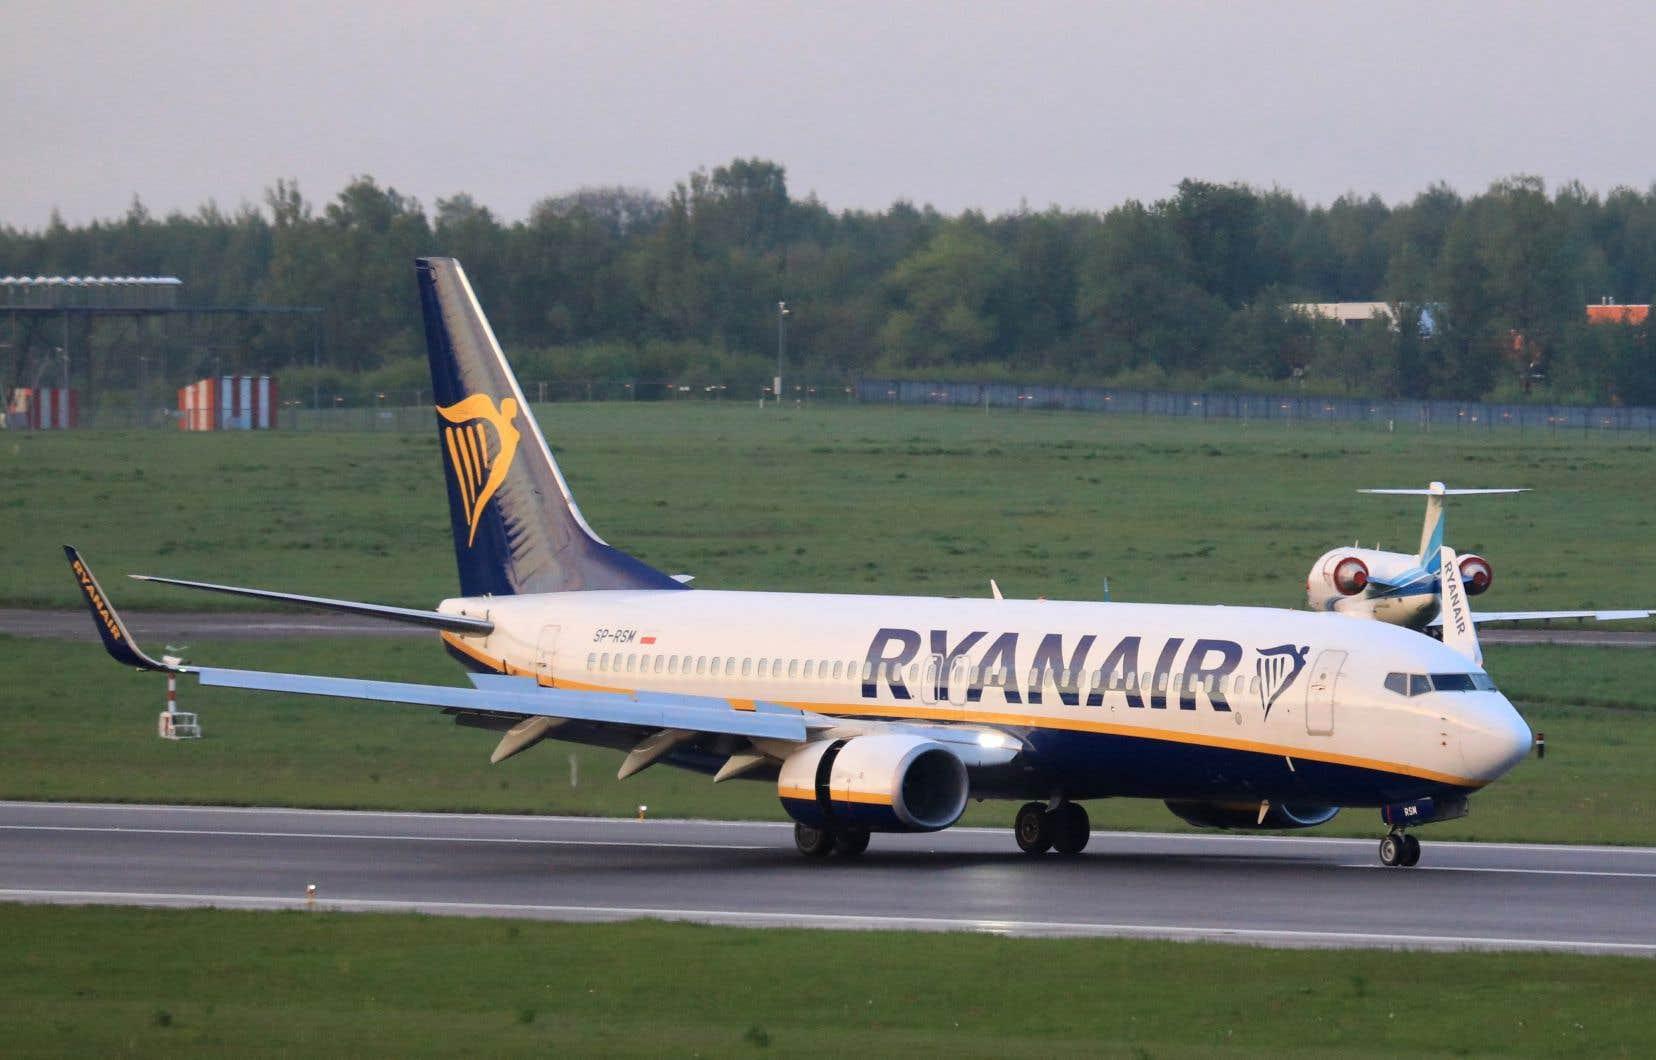 L'avion de la compagnie Ryanair effectuait un vol entre la Grèce et la Lituanie, deux pays membres de l'UE et de l'OTAN. En début de soirée, l'appareil a finalement repris son vol à destination de Vilnius, où il a atterri.